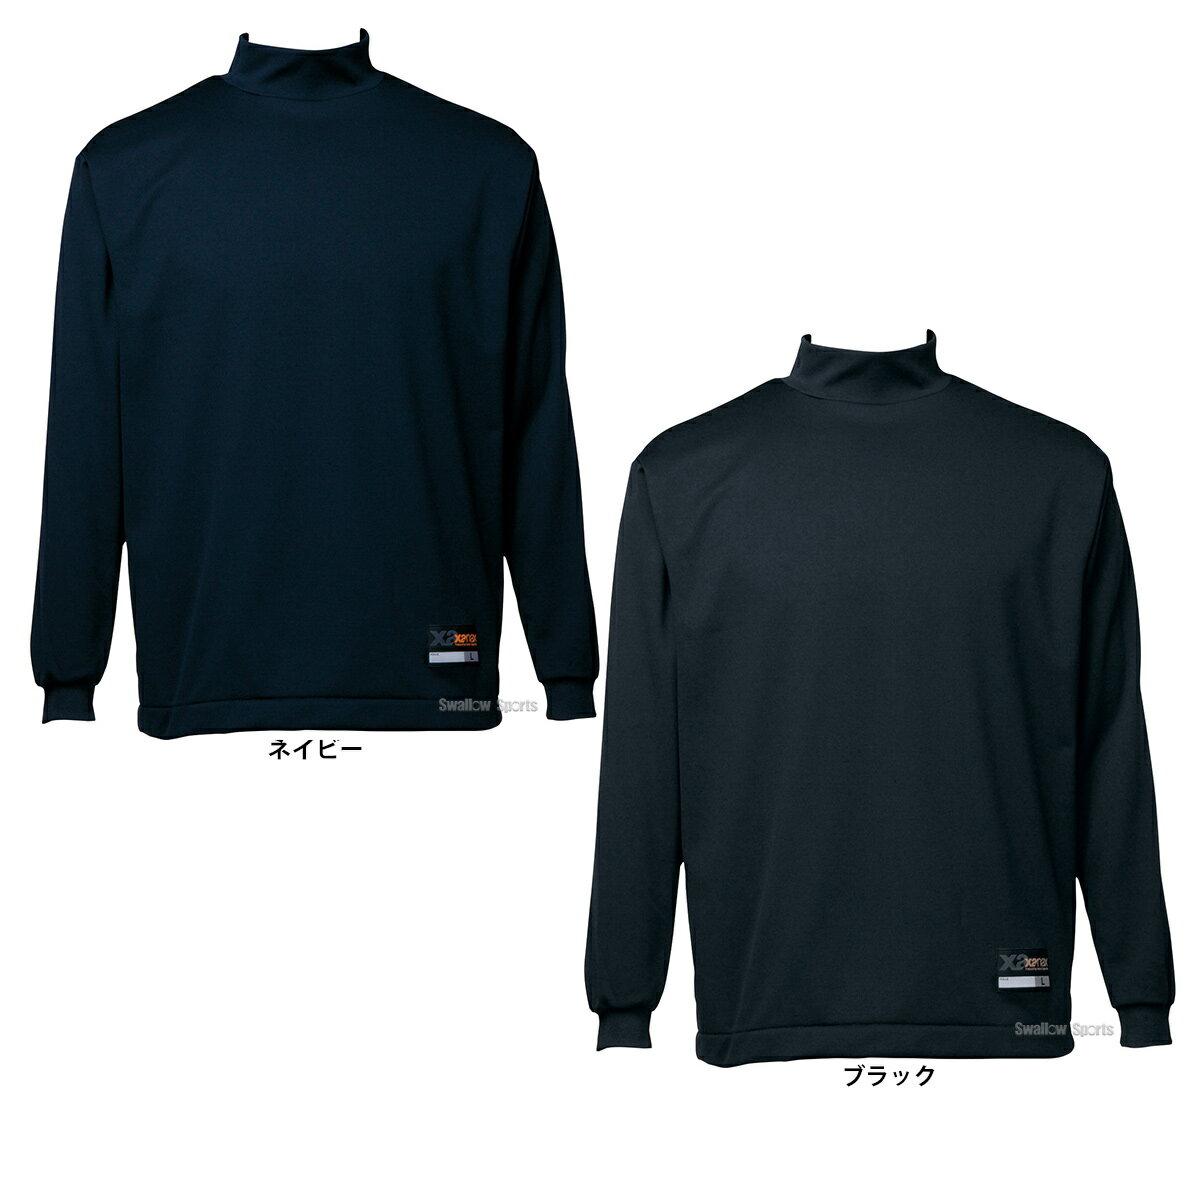 ザナックス ハイネック 長袖 ルーズシリーズ 野球 アンダーシャツ 夏 吸汗速乾 メンズ BUS-590 ウエア ウェア 野球 アンダーシャツ 夏 吸汗速乾 メンズ Xanax 野球部 ランニング 野球用品 スワロースポーツ